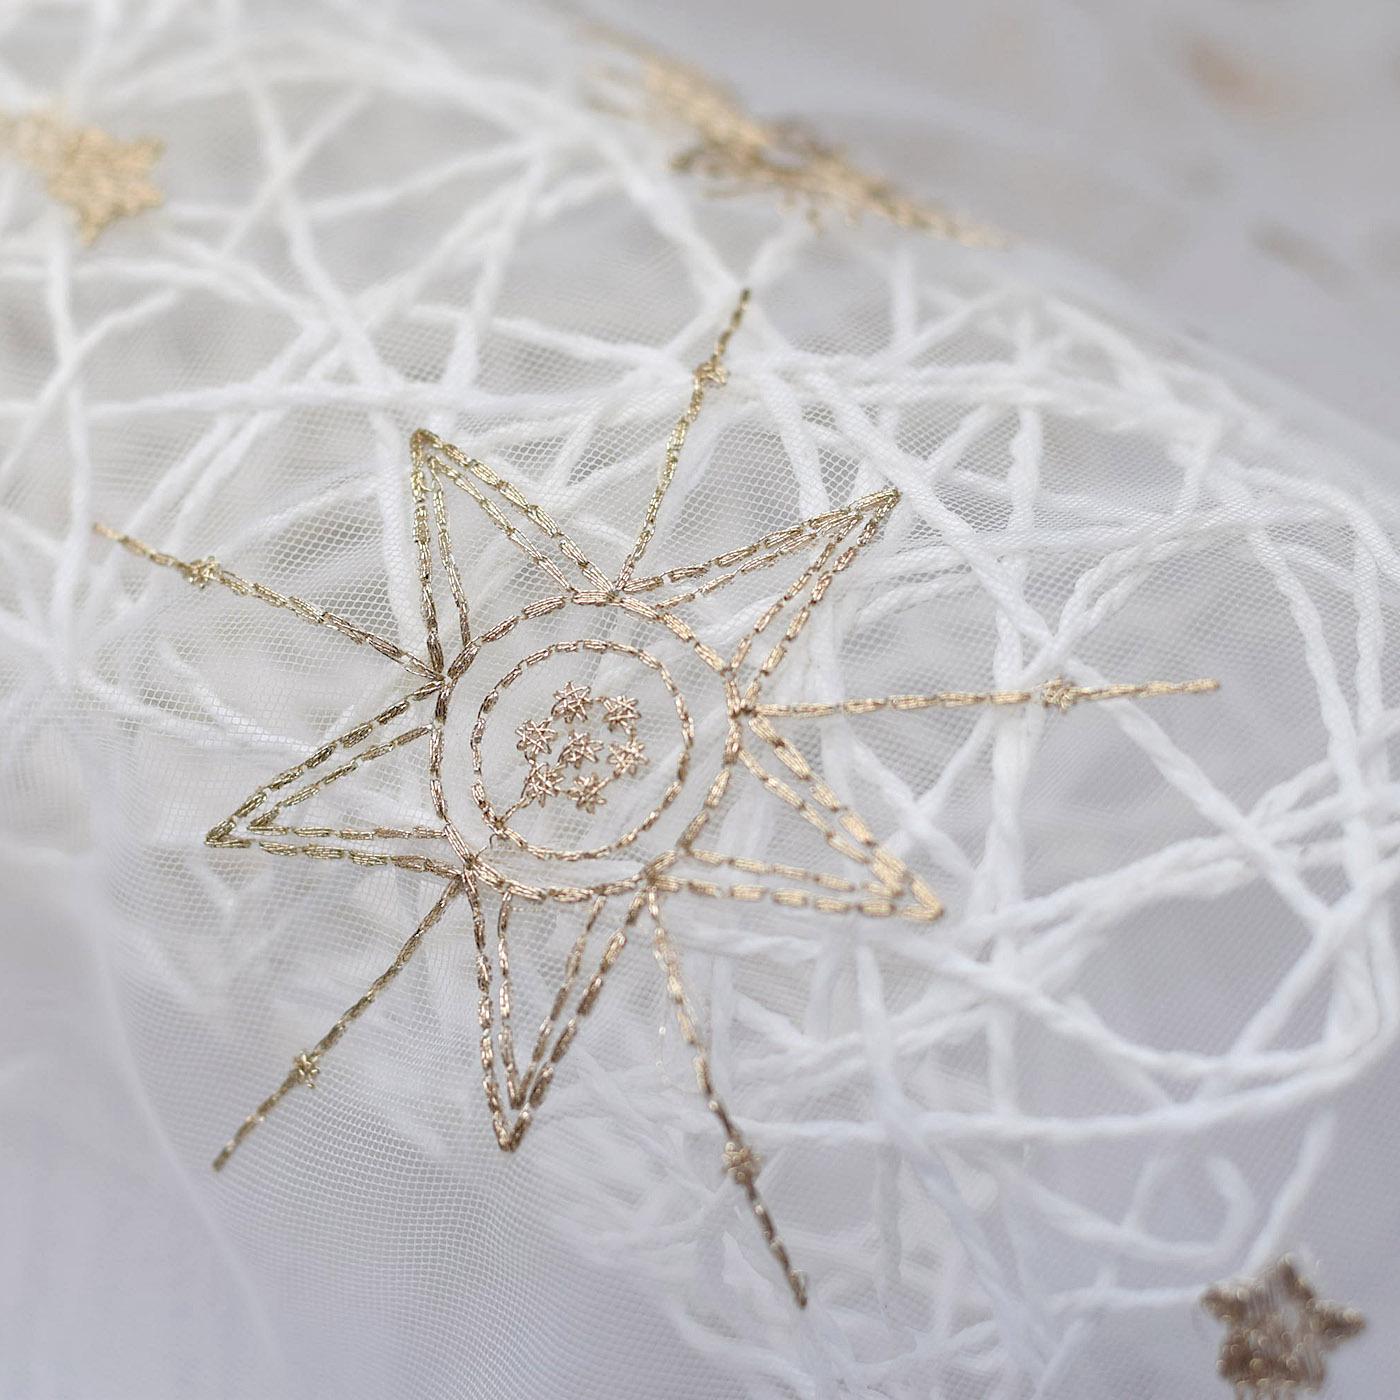 FANAKI Vải thêu tại chỗ Ngôi sao lớn chấm nhỏ thêu vải thêu Váy nữ thêu vải bán buôn